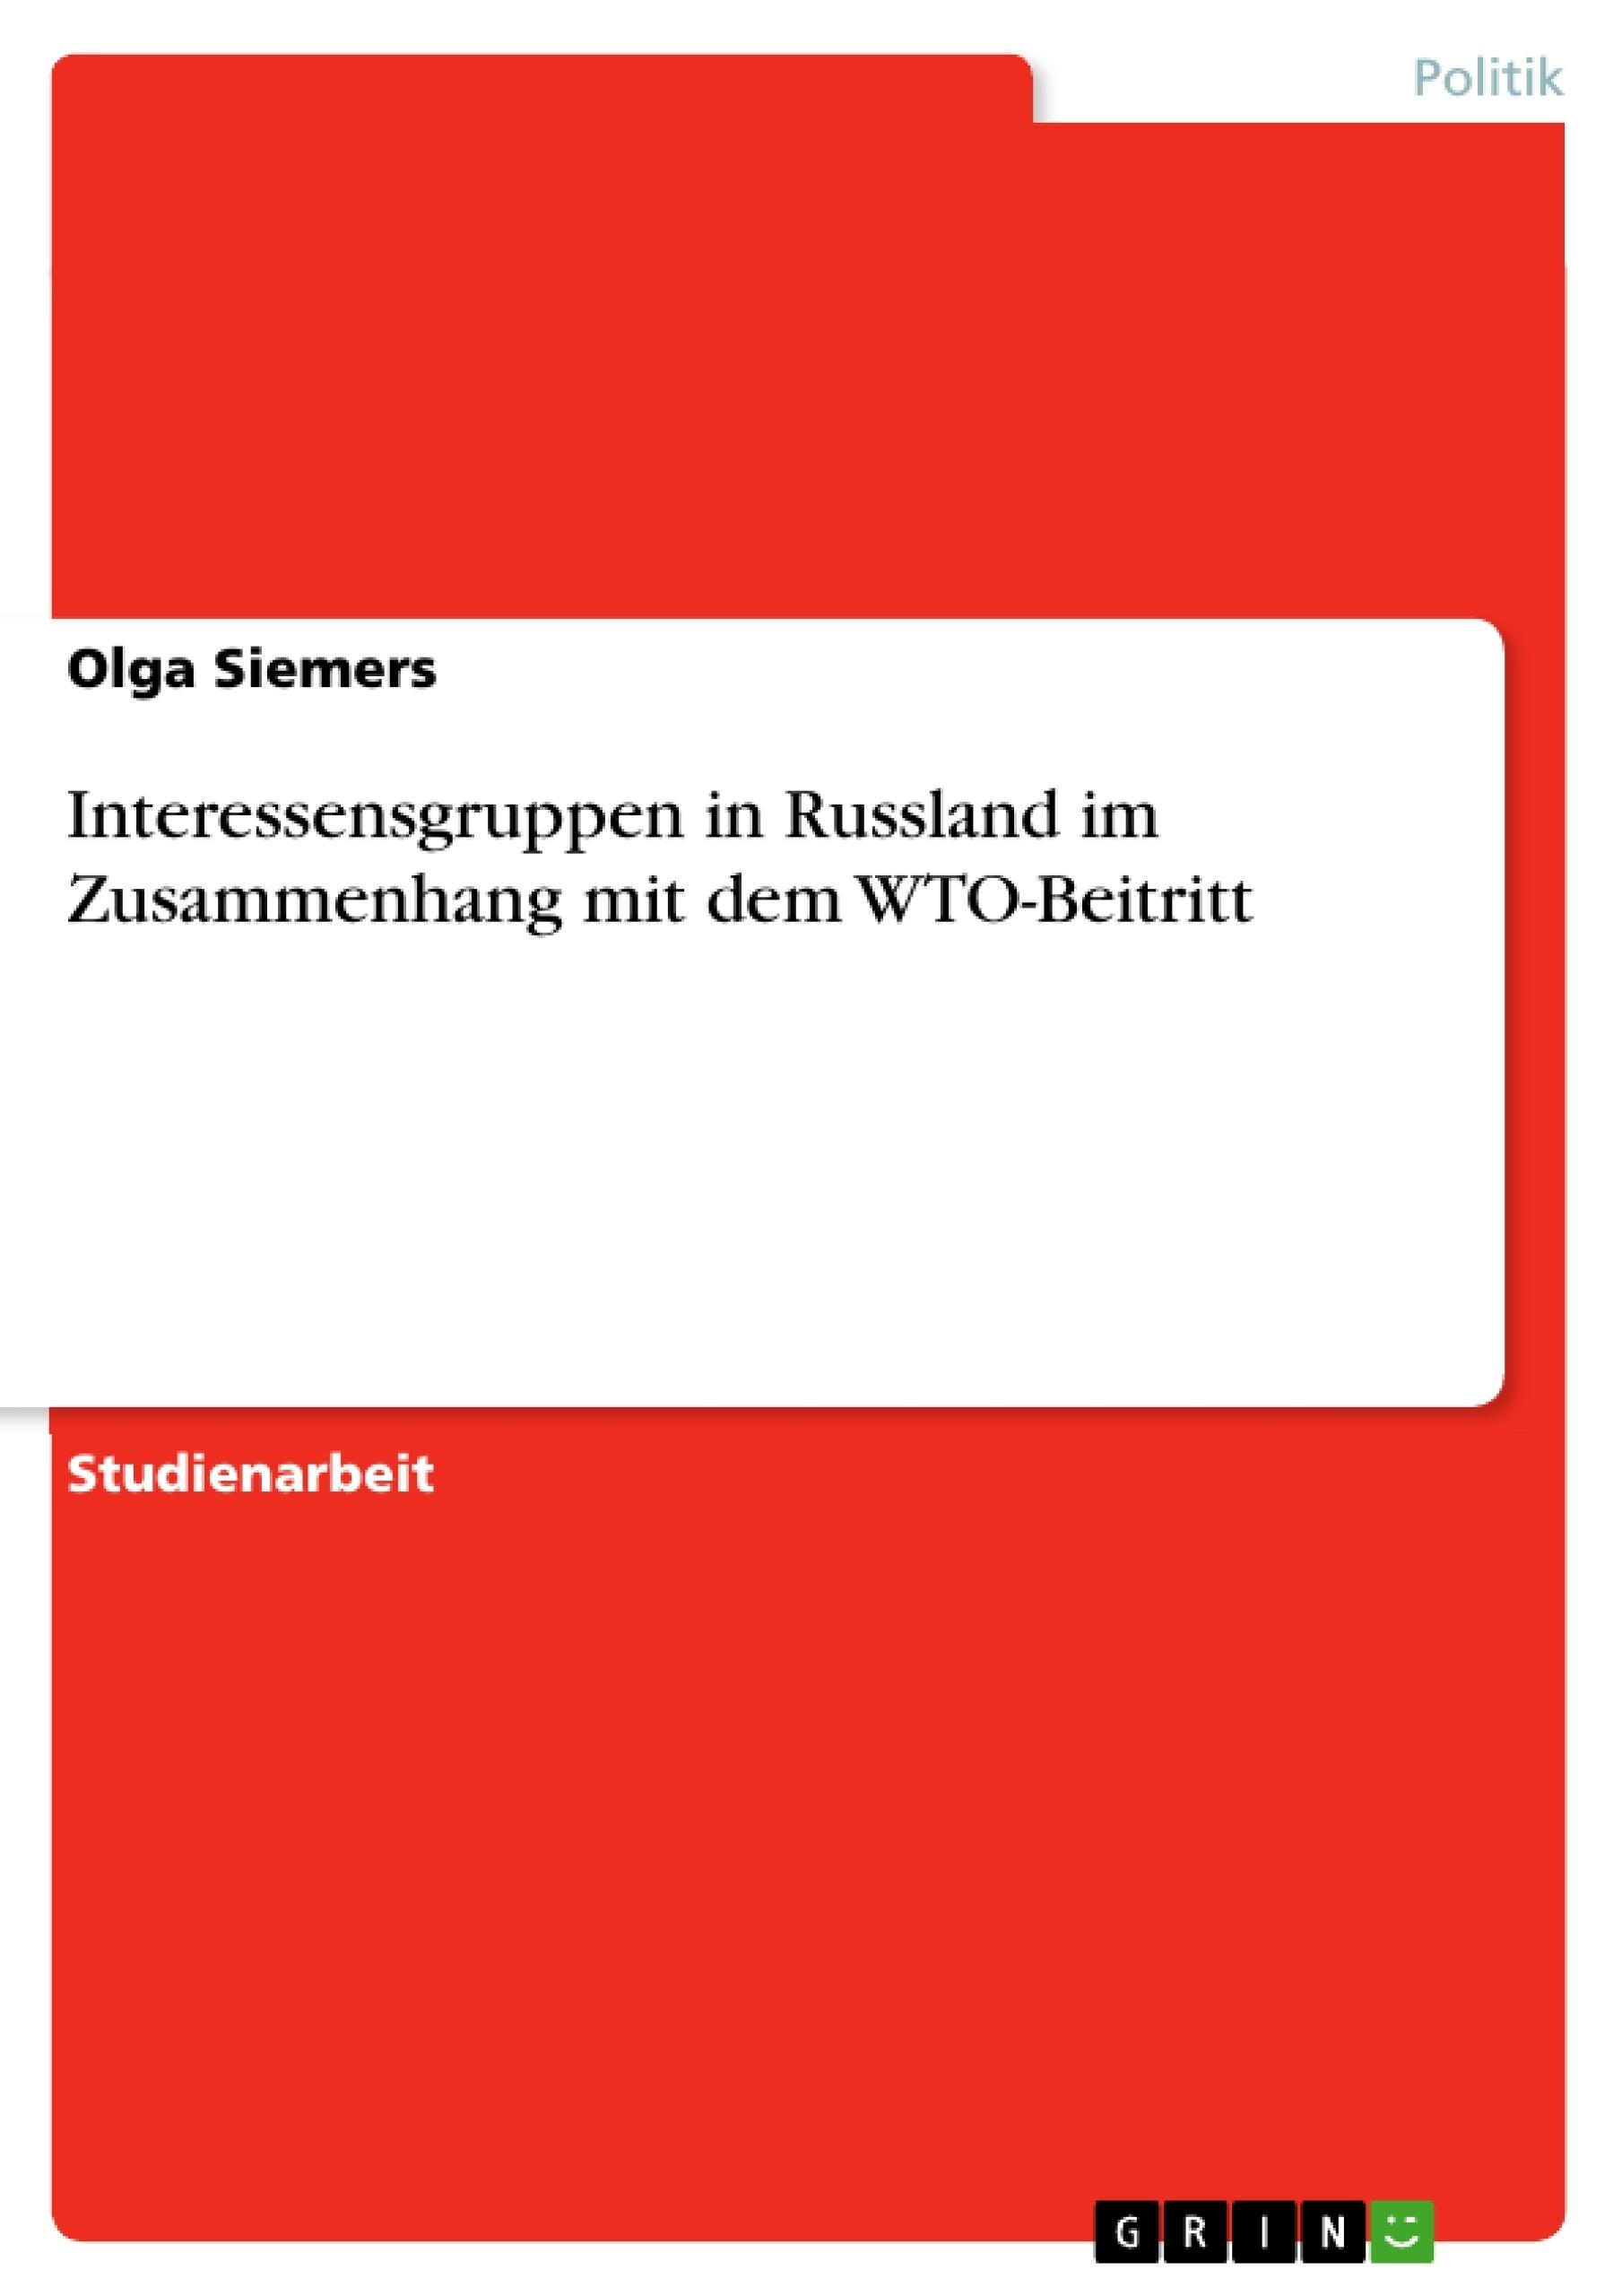 Titel: Interessensgruppen in Russland im Zusammenhang  mit dem WTO-Beitritt